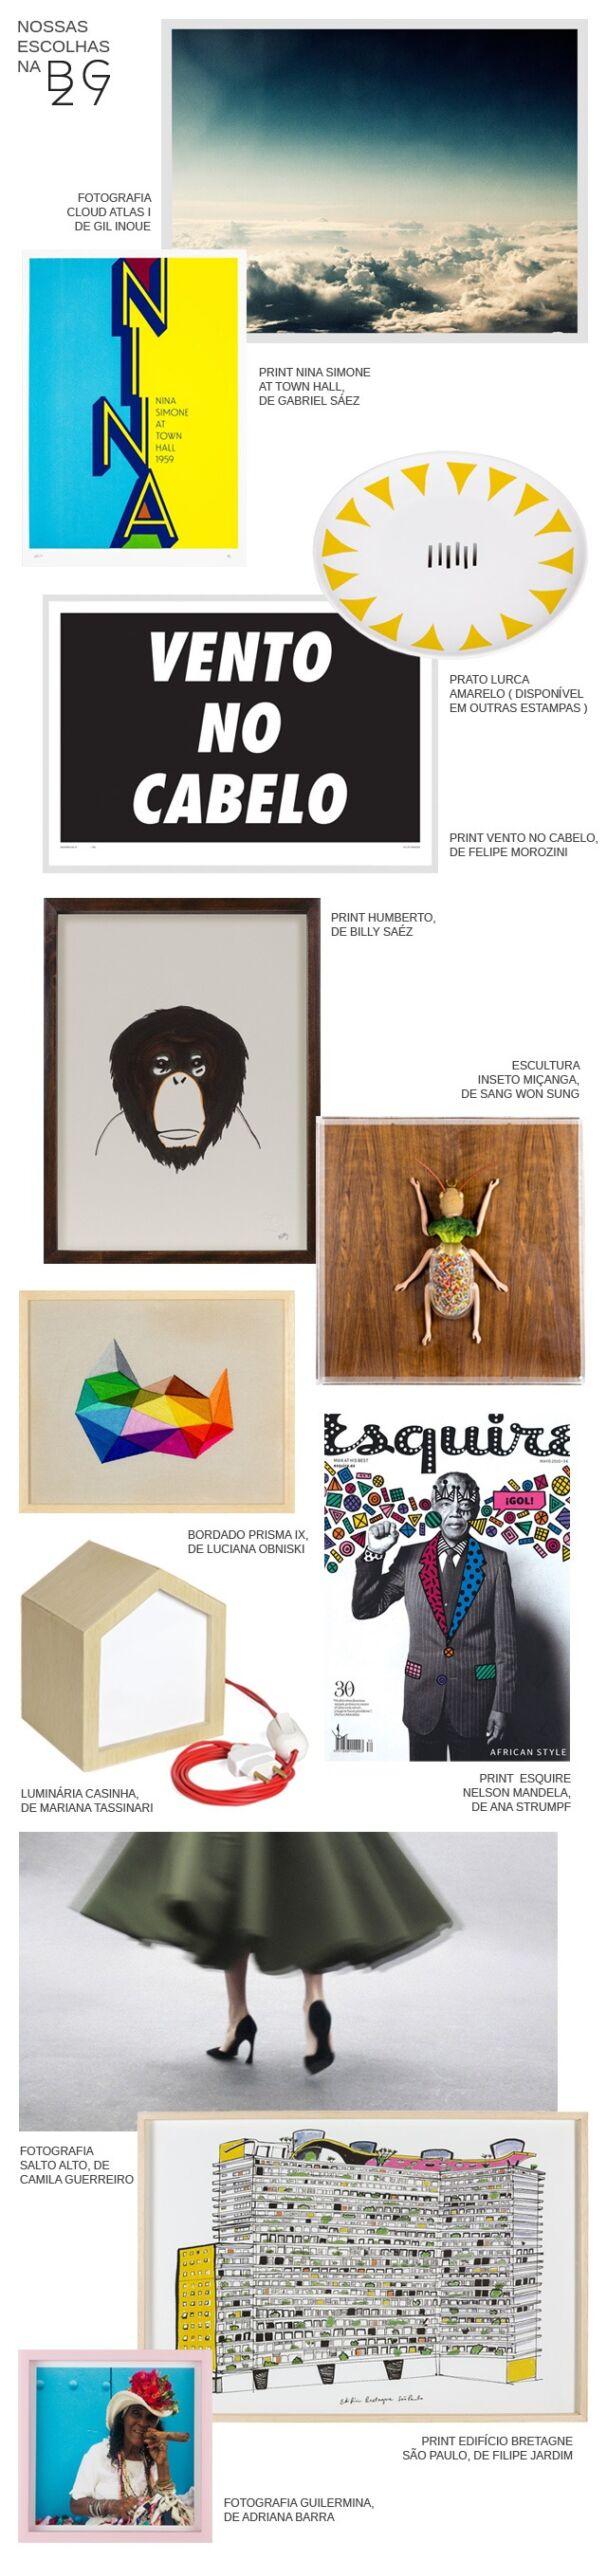 decoracao-bg27-quadros-fotografias-gravuras-obras